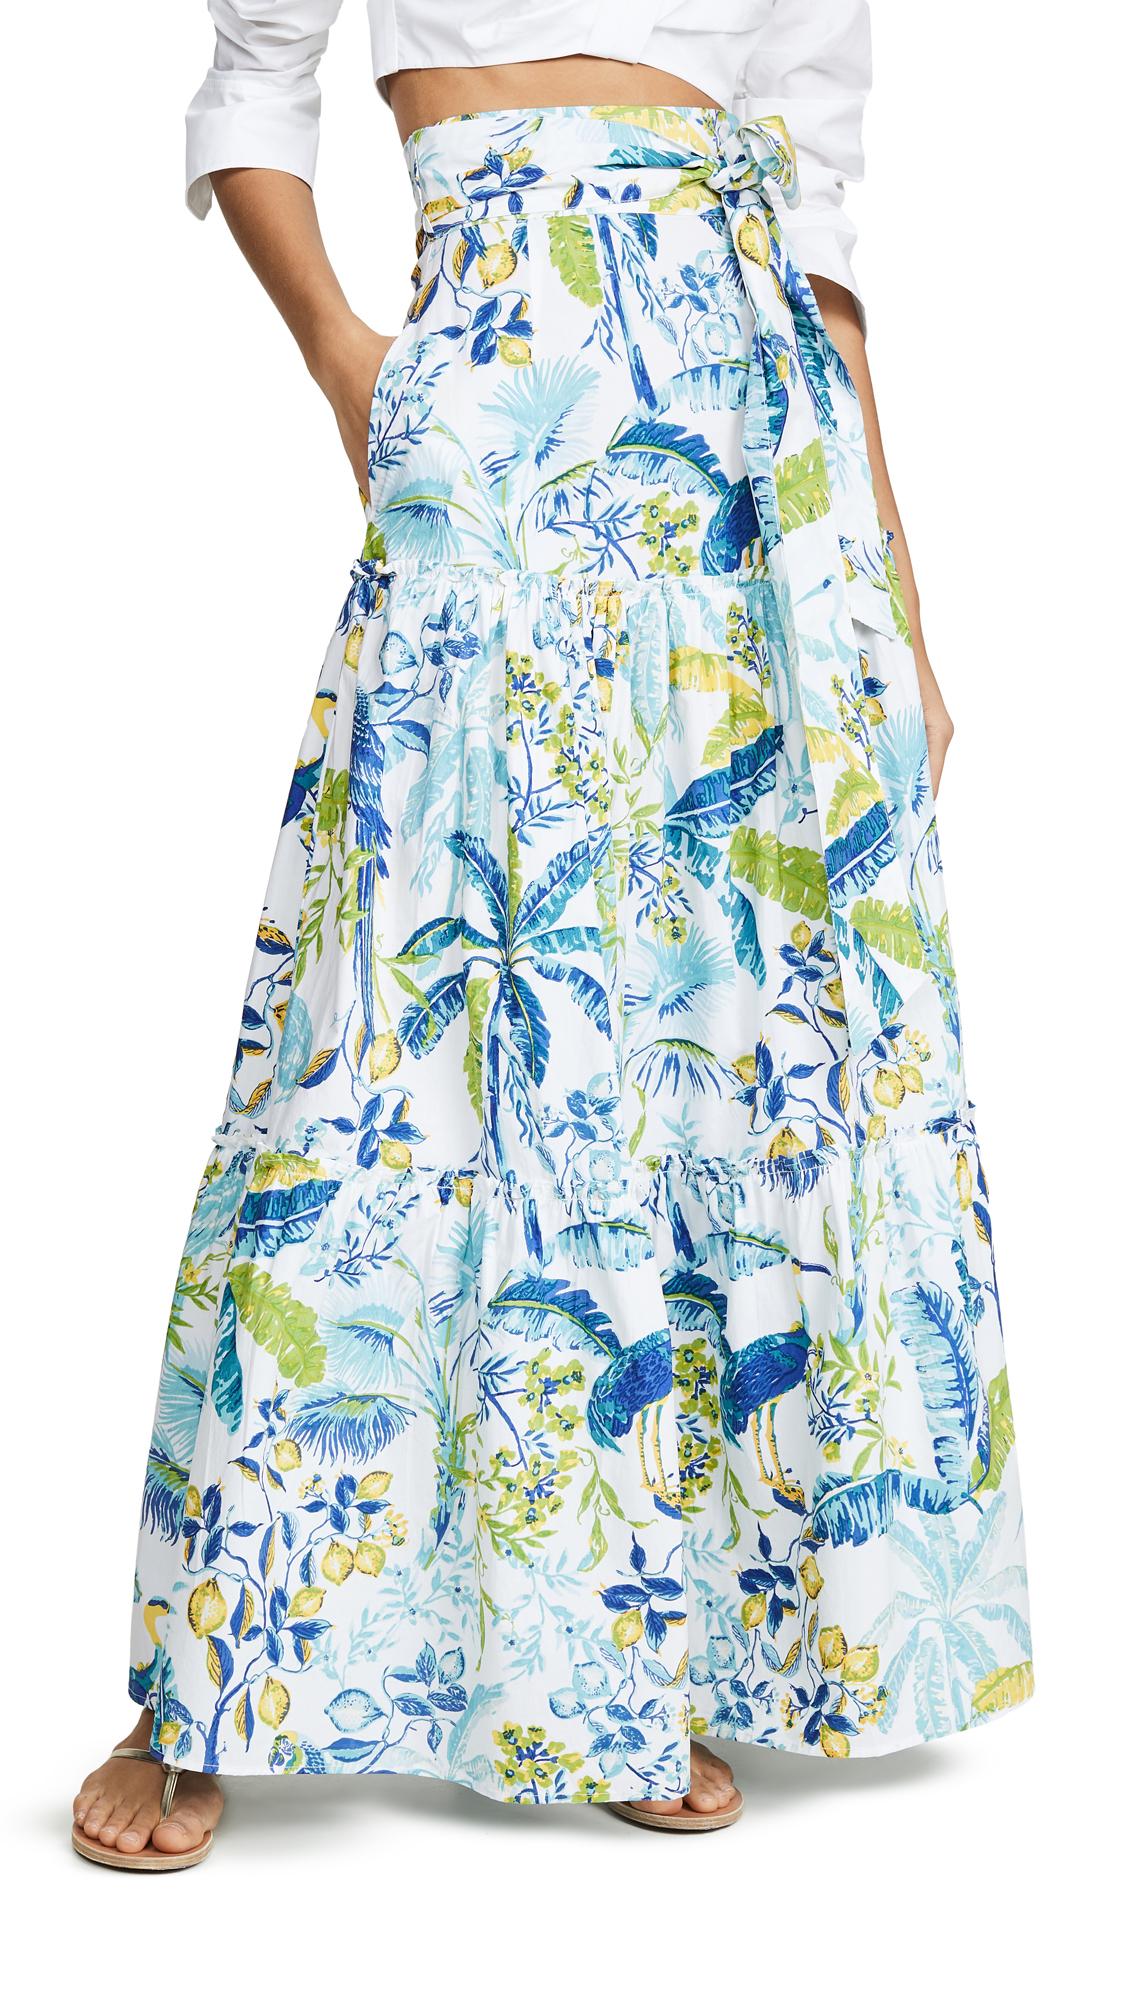 Banjanan Discovery Skirt - Lisbon Garden White